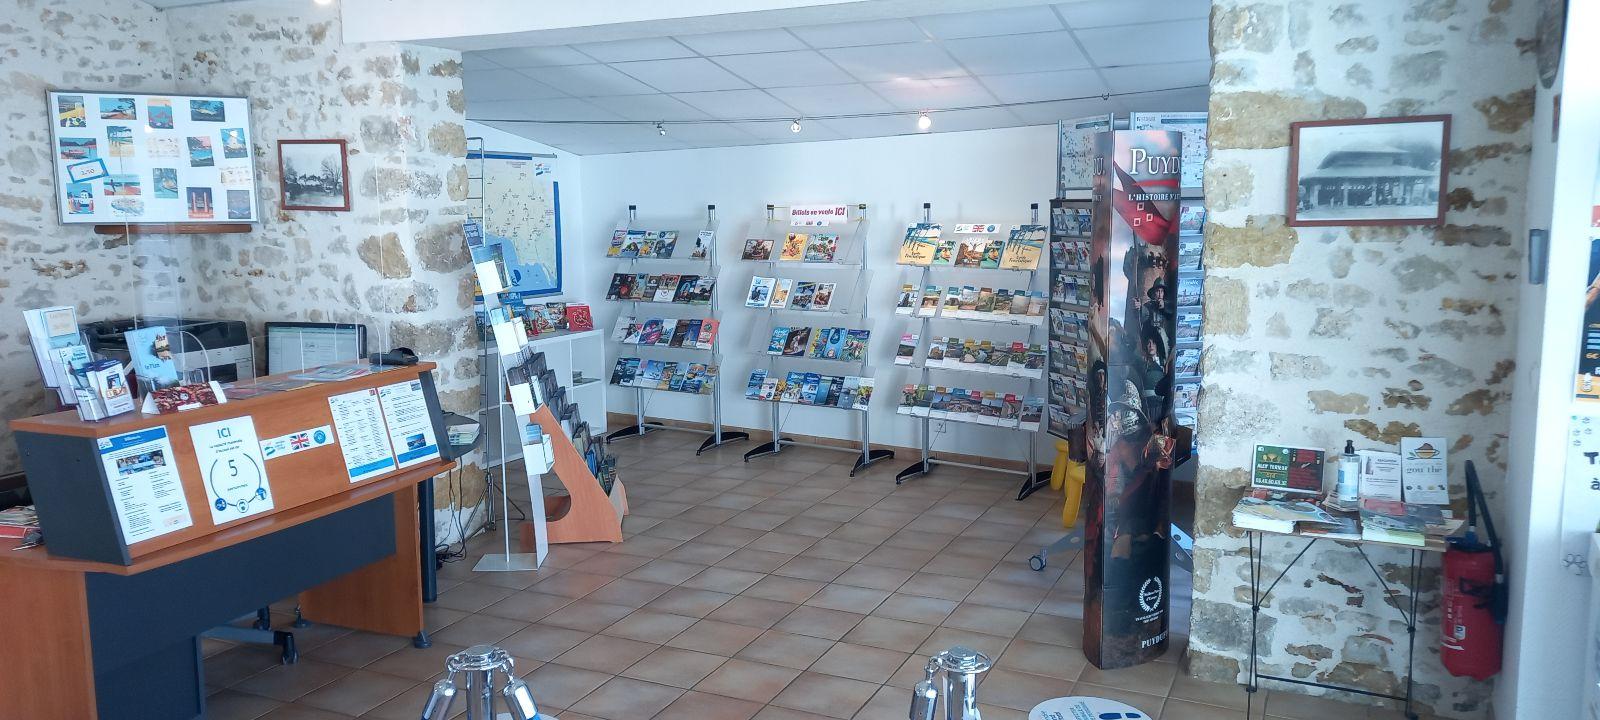 Bureau_de_tourisme_Avrillé_3